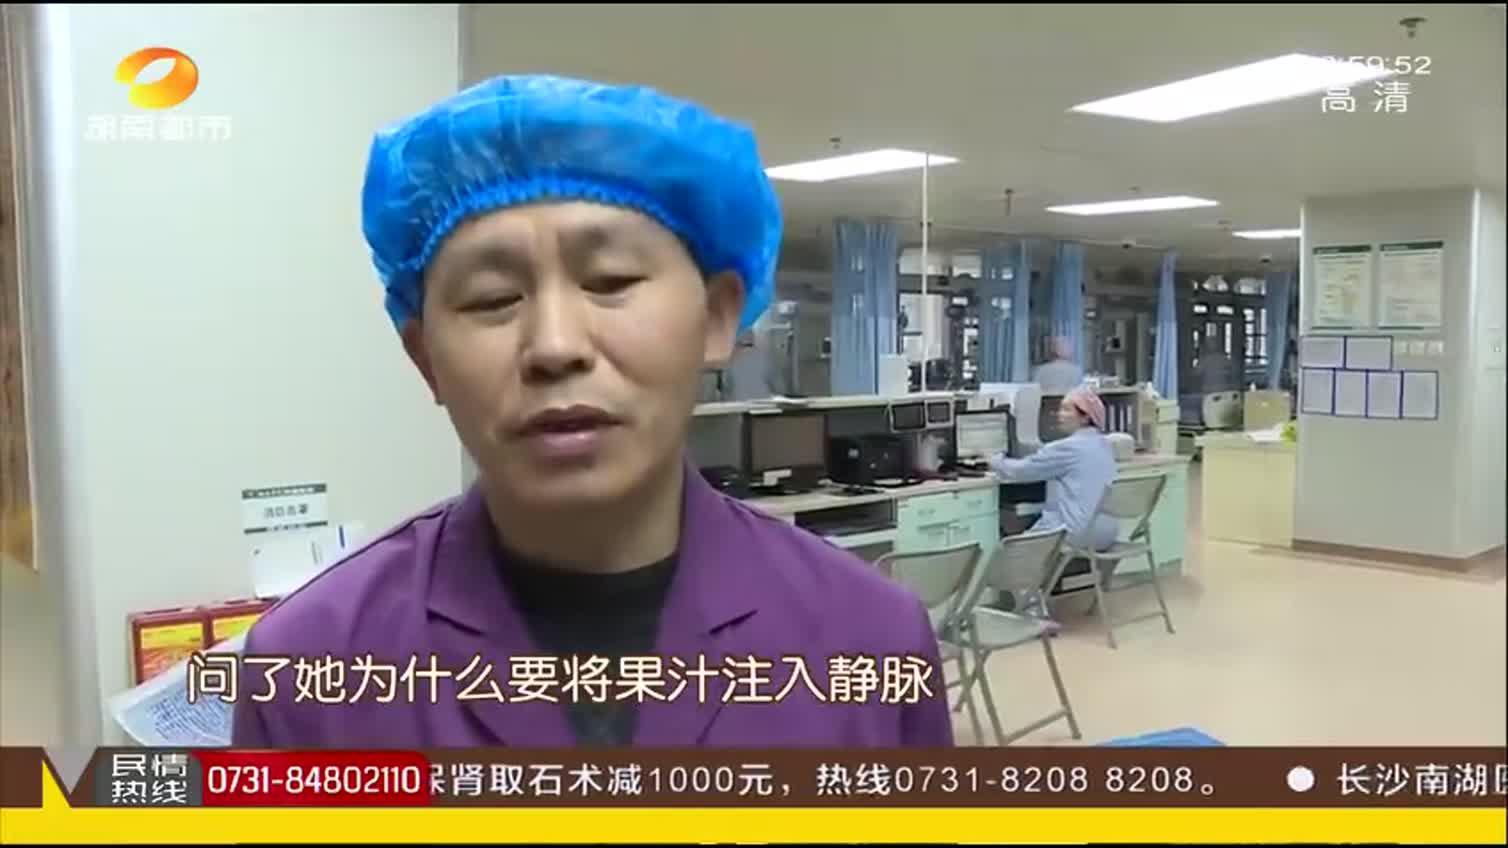 晚间头条:郴州女子静脉注射果汁养生 家属澄清事情真相